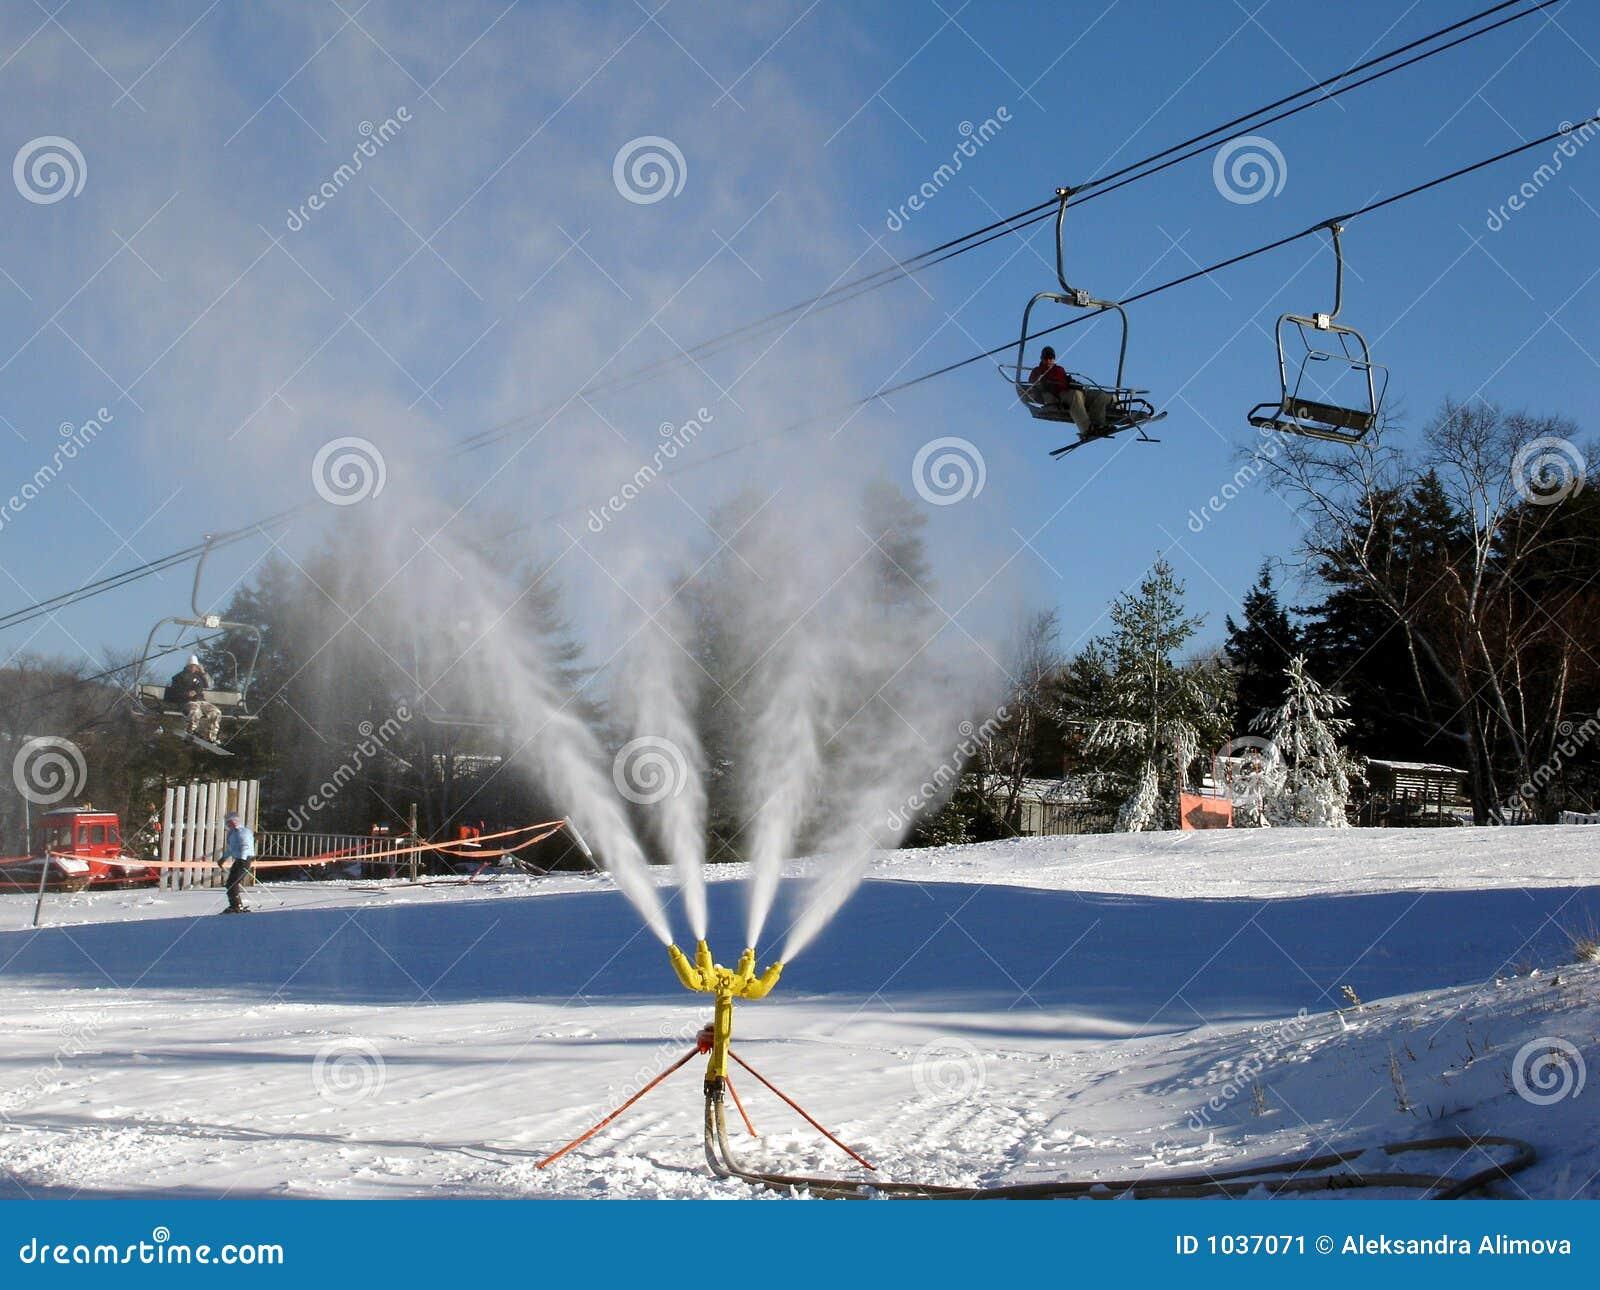 snow making machine price